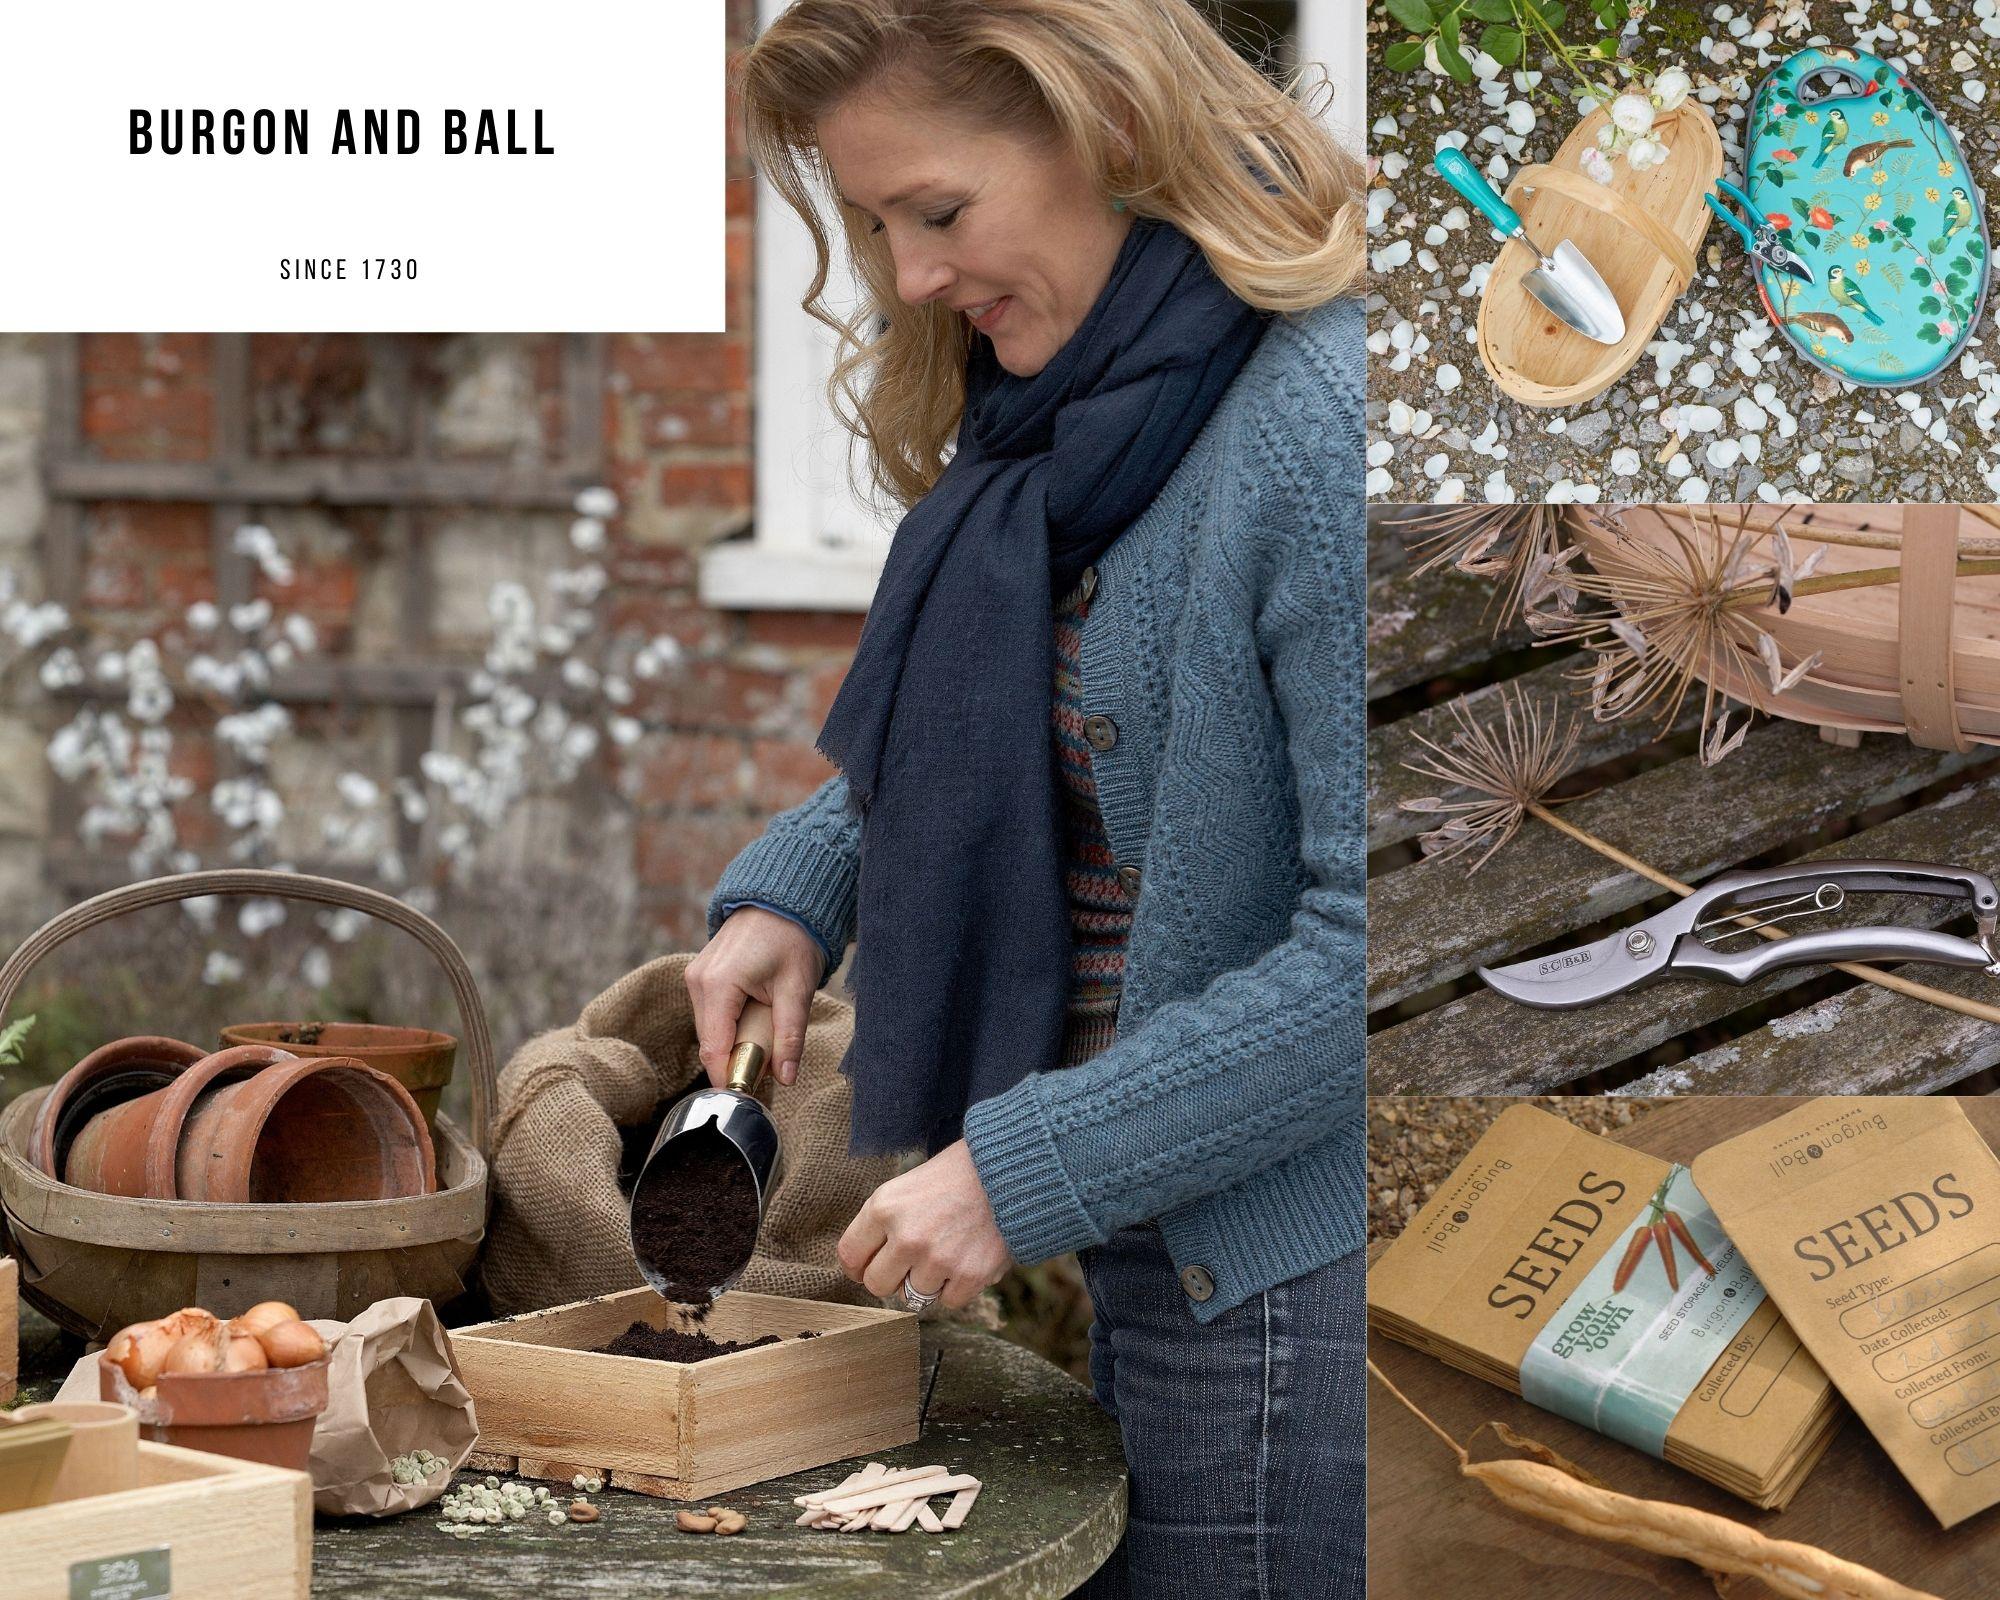 Burgon and Ball